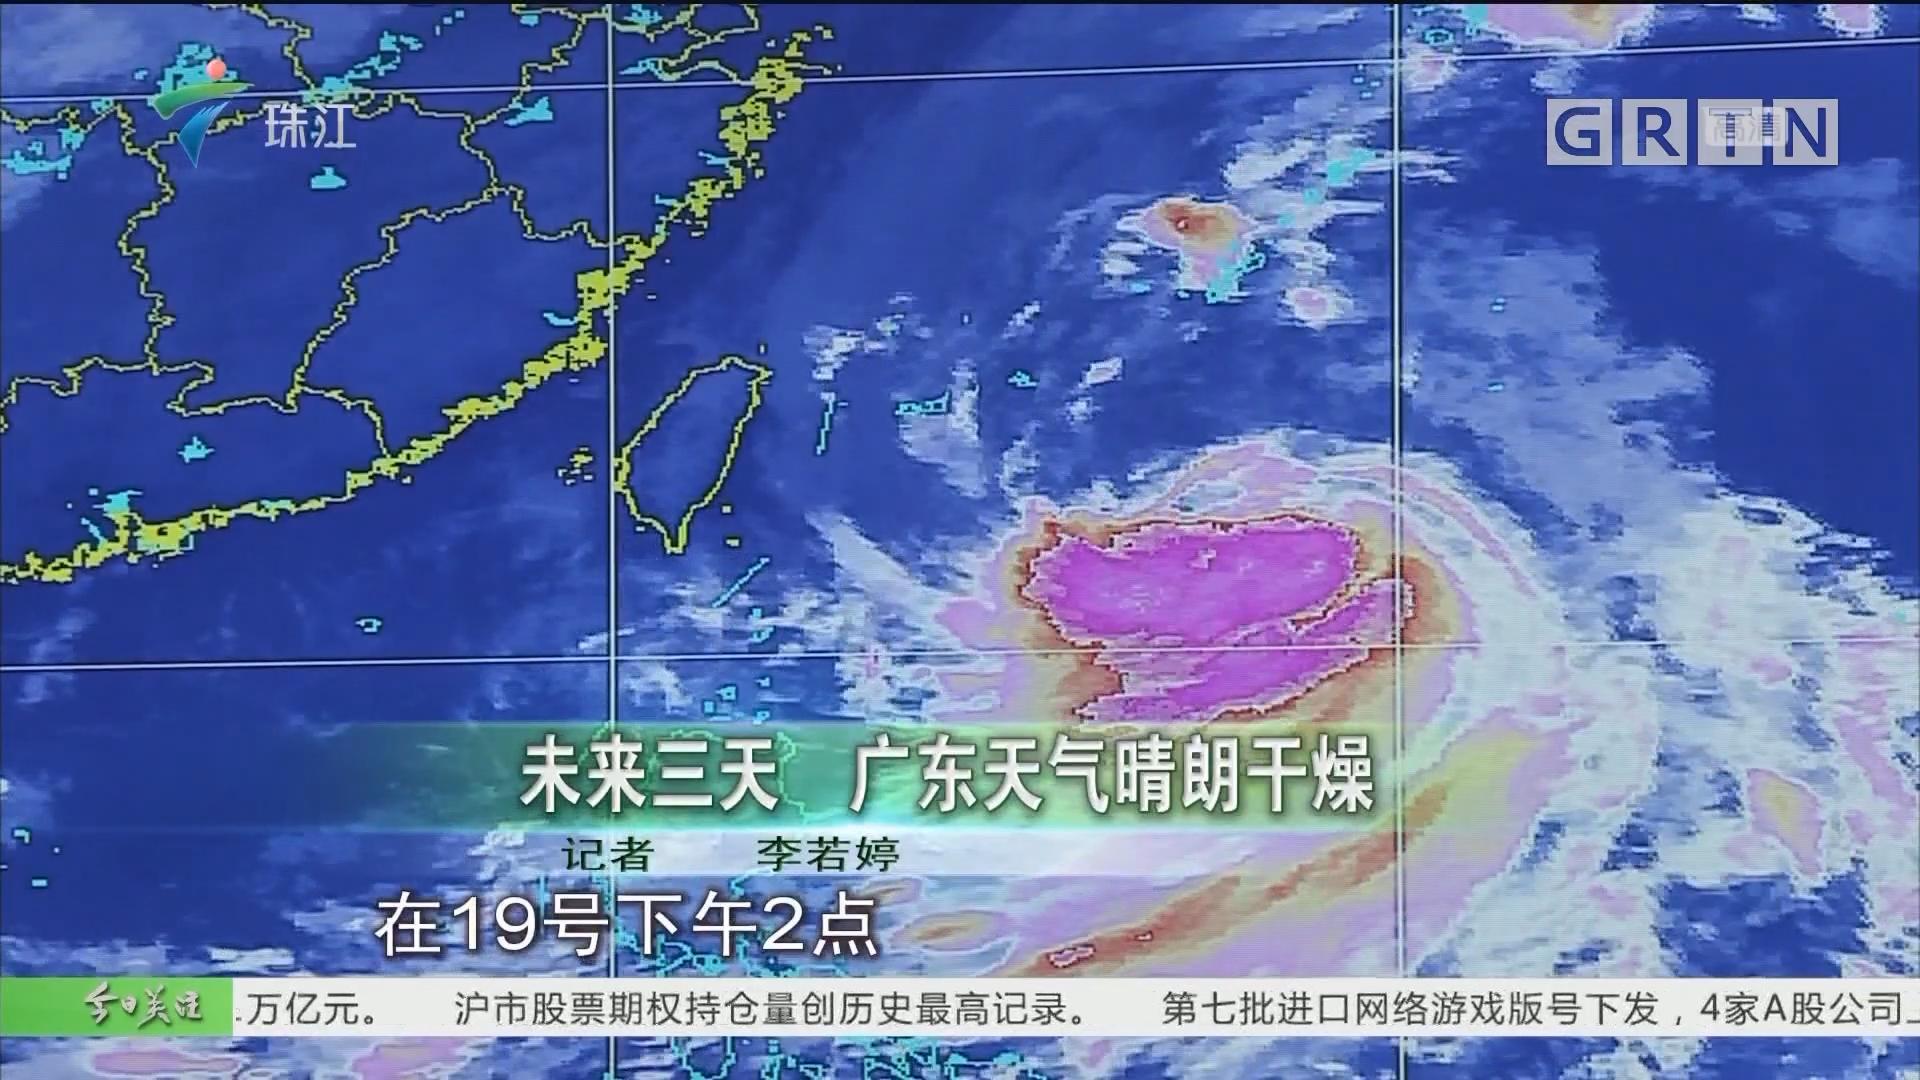 未来三天 广东天气晴朗干燥